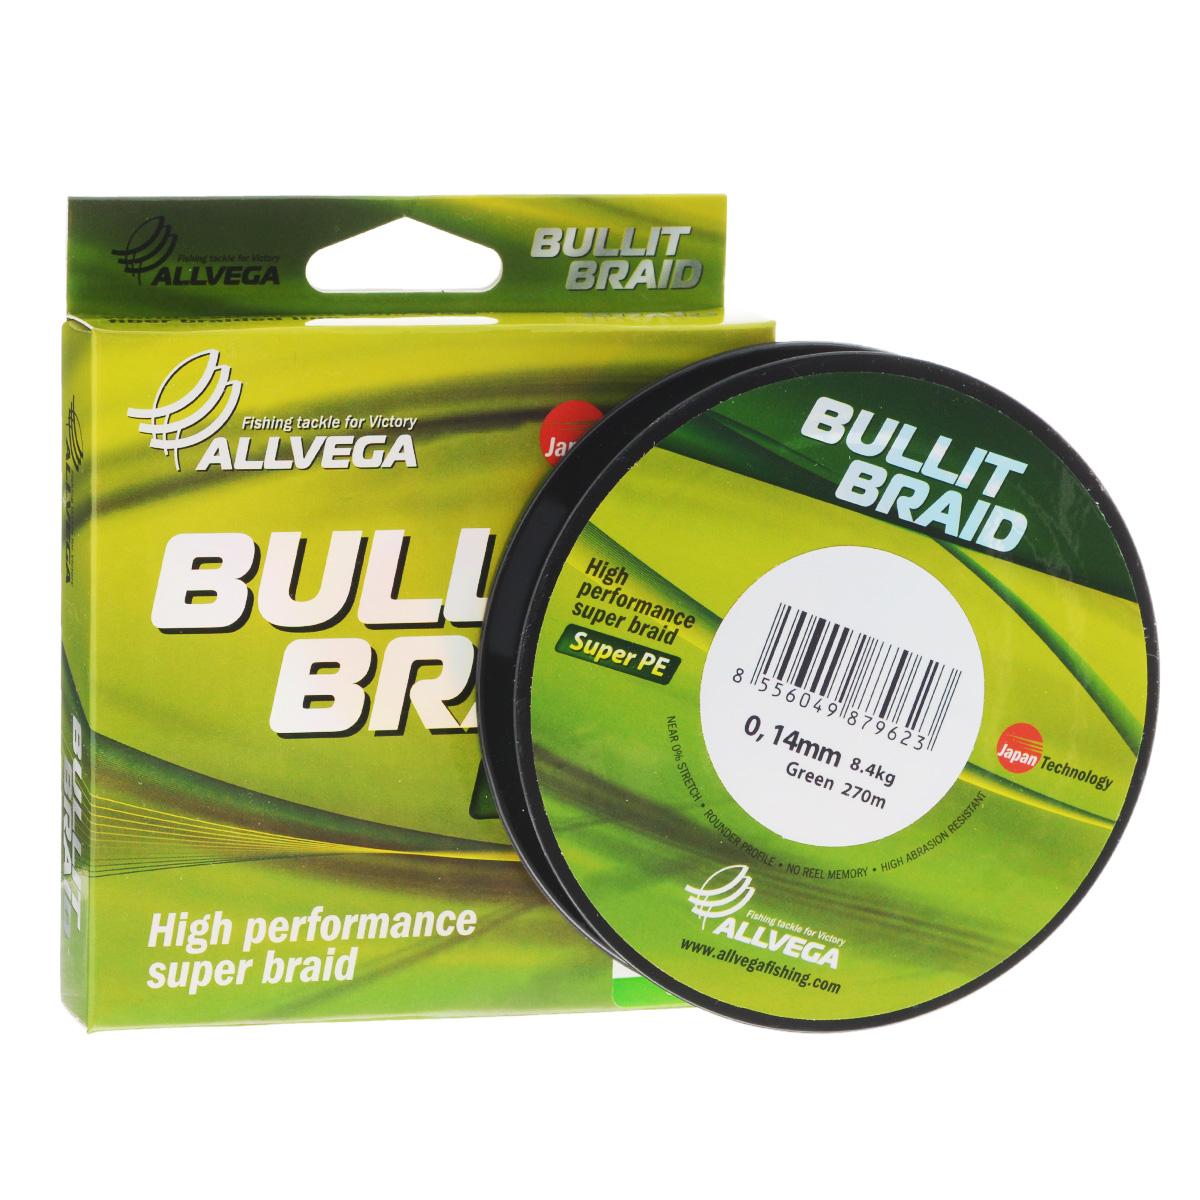 Леска плетеная Allvega Bullit Braid, цвет: темно-зеленый, 270 м, 0,14 мм, 8,4 кг1232638Леска Allvega Bullit Braid с гладкой поверхностью и одинаковым сечением по всей длине обладает высокой износостойкостью. Благодаря микроволокнам полиэтилена (Super PE) леска имеет очень плотное плетение и не впитывает воду. Леску Allvega Bullit Braid можно применять в любых типах водоемов. Особенности:повышенная износостойкость;высокая чувствительность - коэффициент растяжения близок к нулю;отсутствует память; идеально гладкая поверхность позволяет увеличить дальность забросов; высокая прочность шнура на узлах.